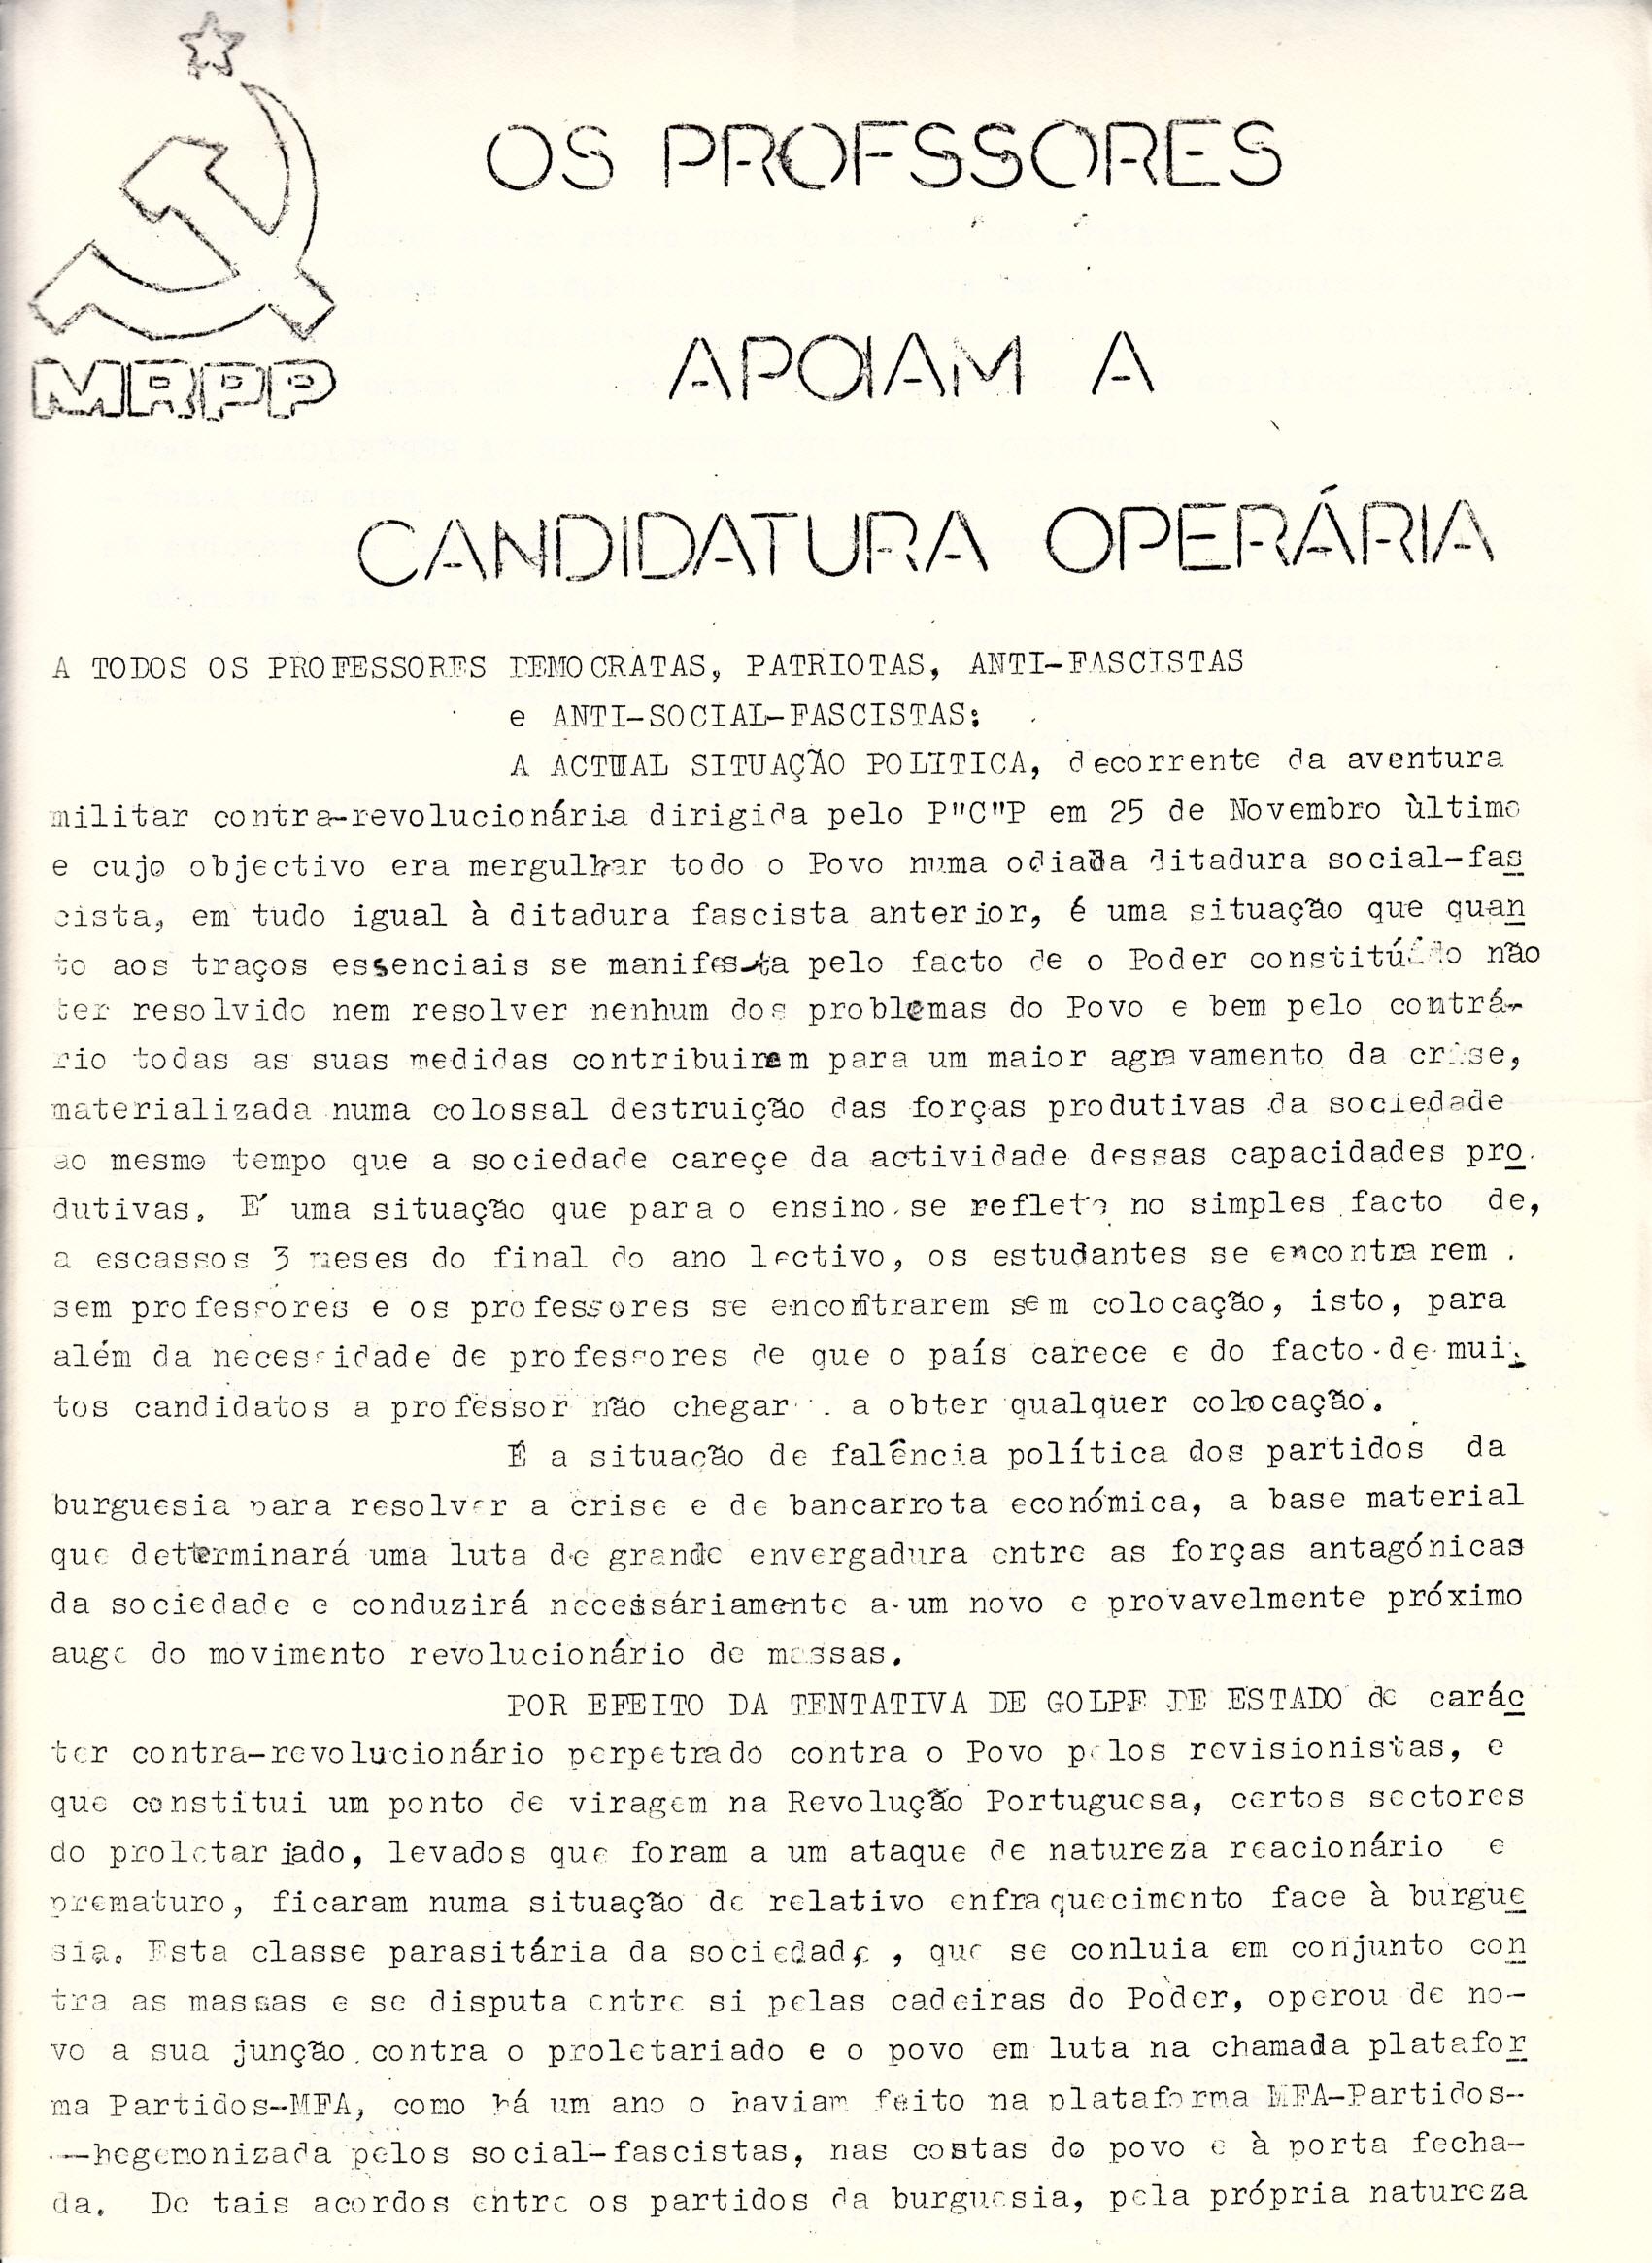 mrpp_1976_eleicao_profs_0001